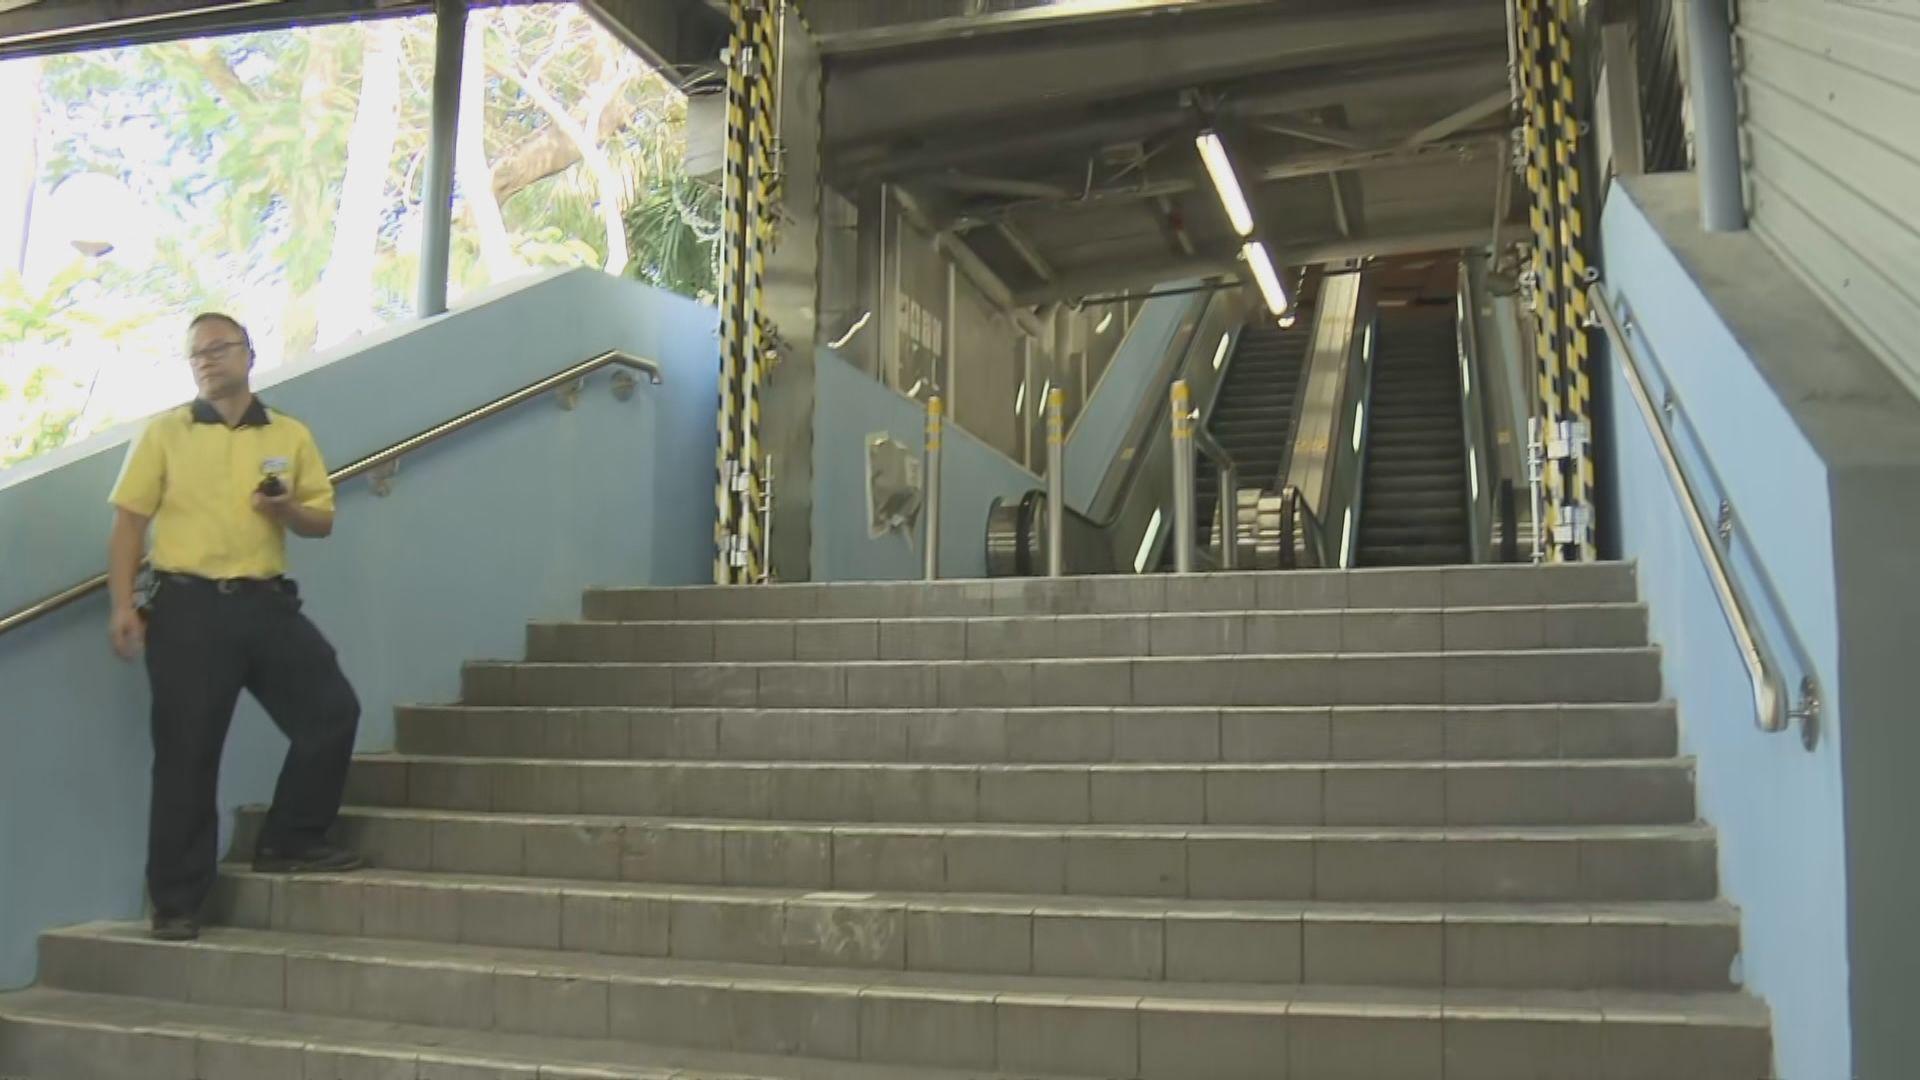 港鐵︰大學站保安明顯加強 多處裝上鋼門